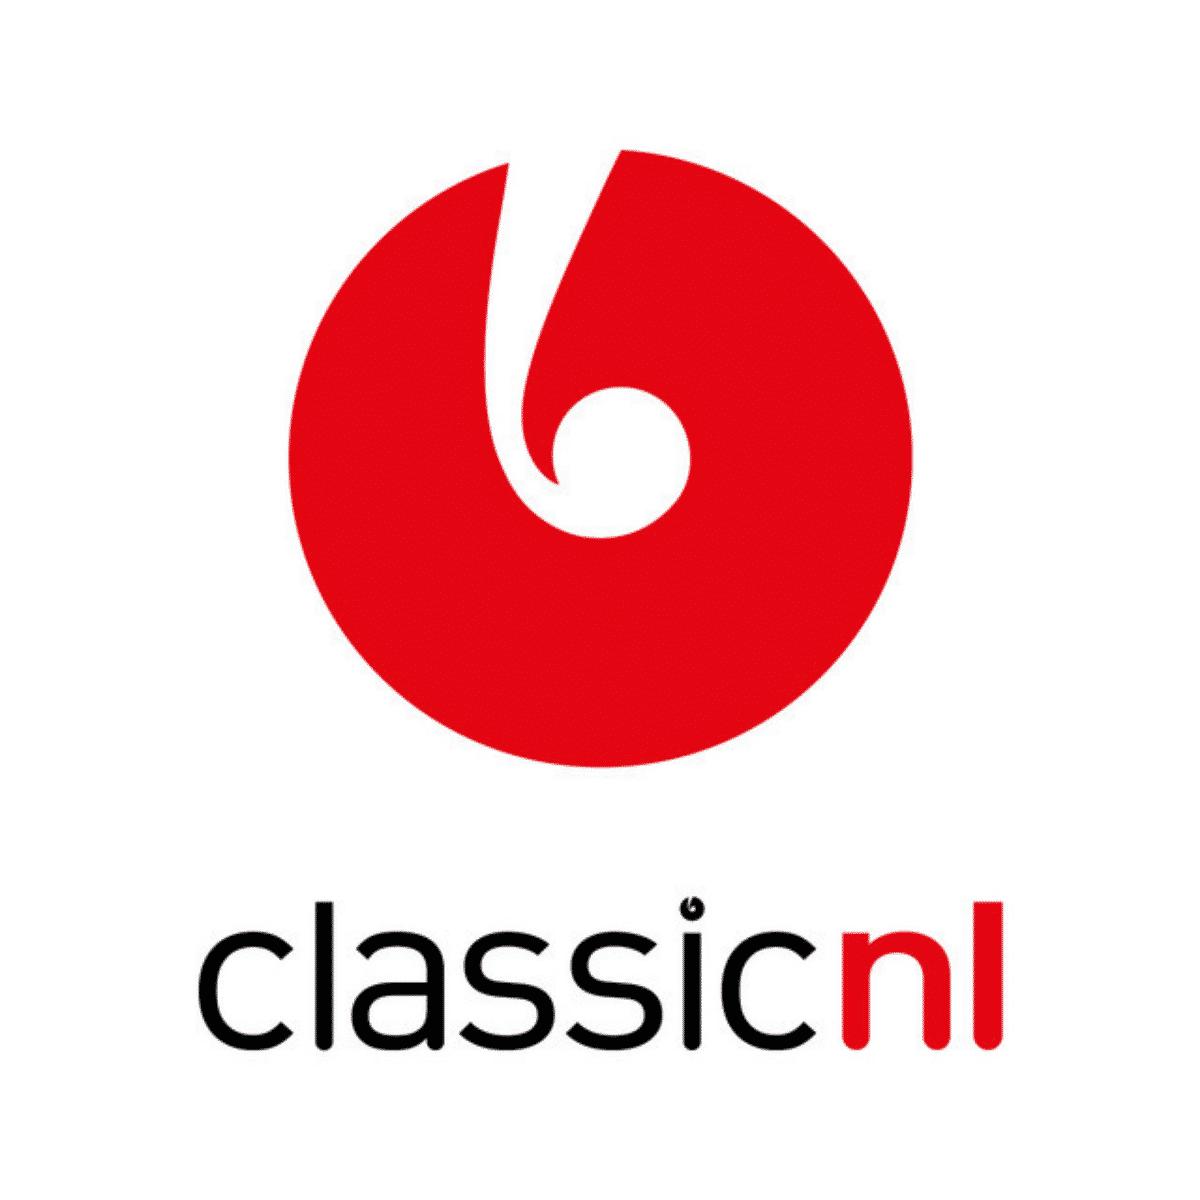 Classic NL